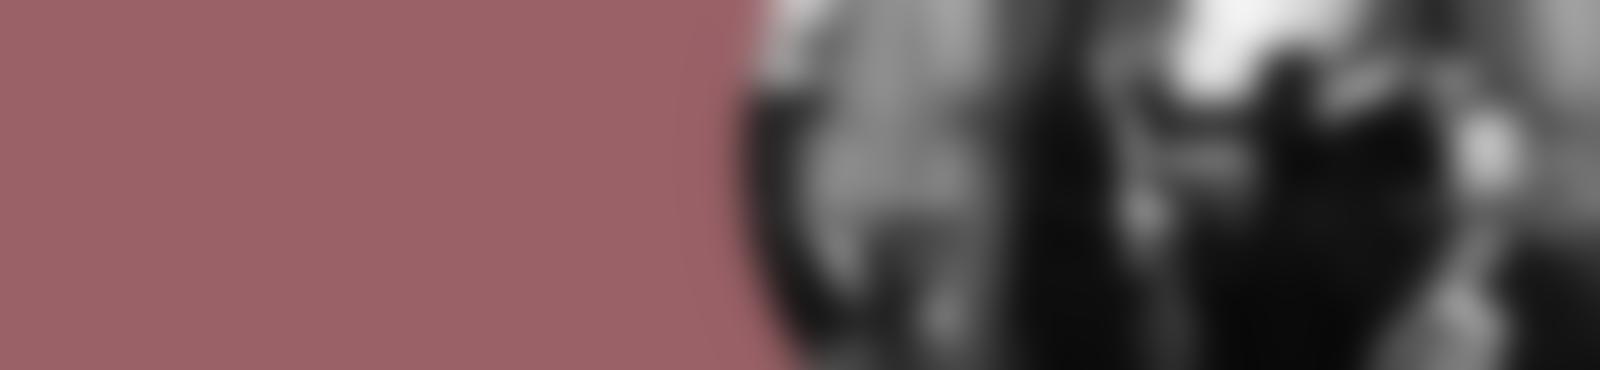 Blurred e552e219 39e7 4e24 ae31 2099704eaca1